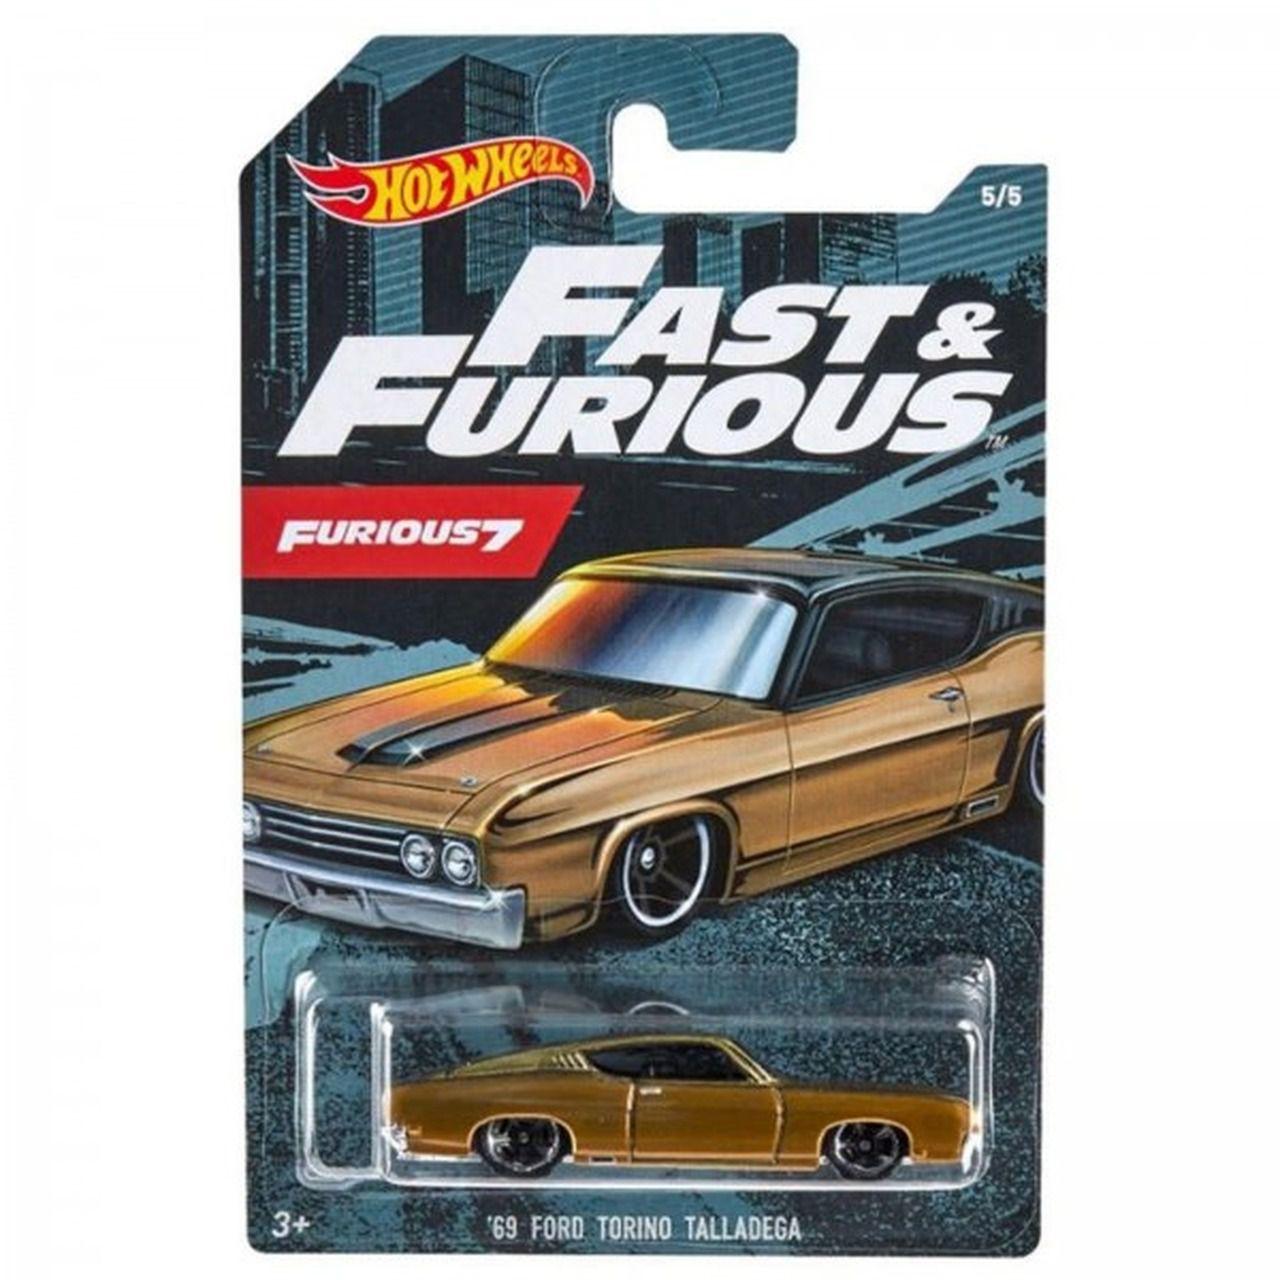 Carrinho '69 Ford Torino Talladega: Velozes e Furiosos 7 (Fast & Furious) - Hot Wheels